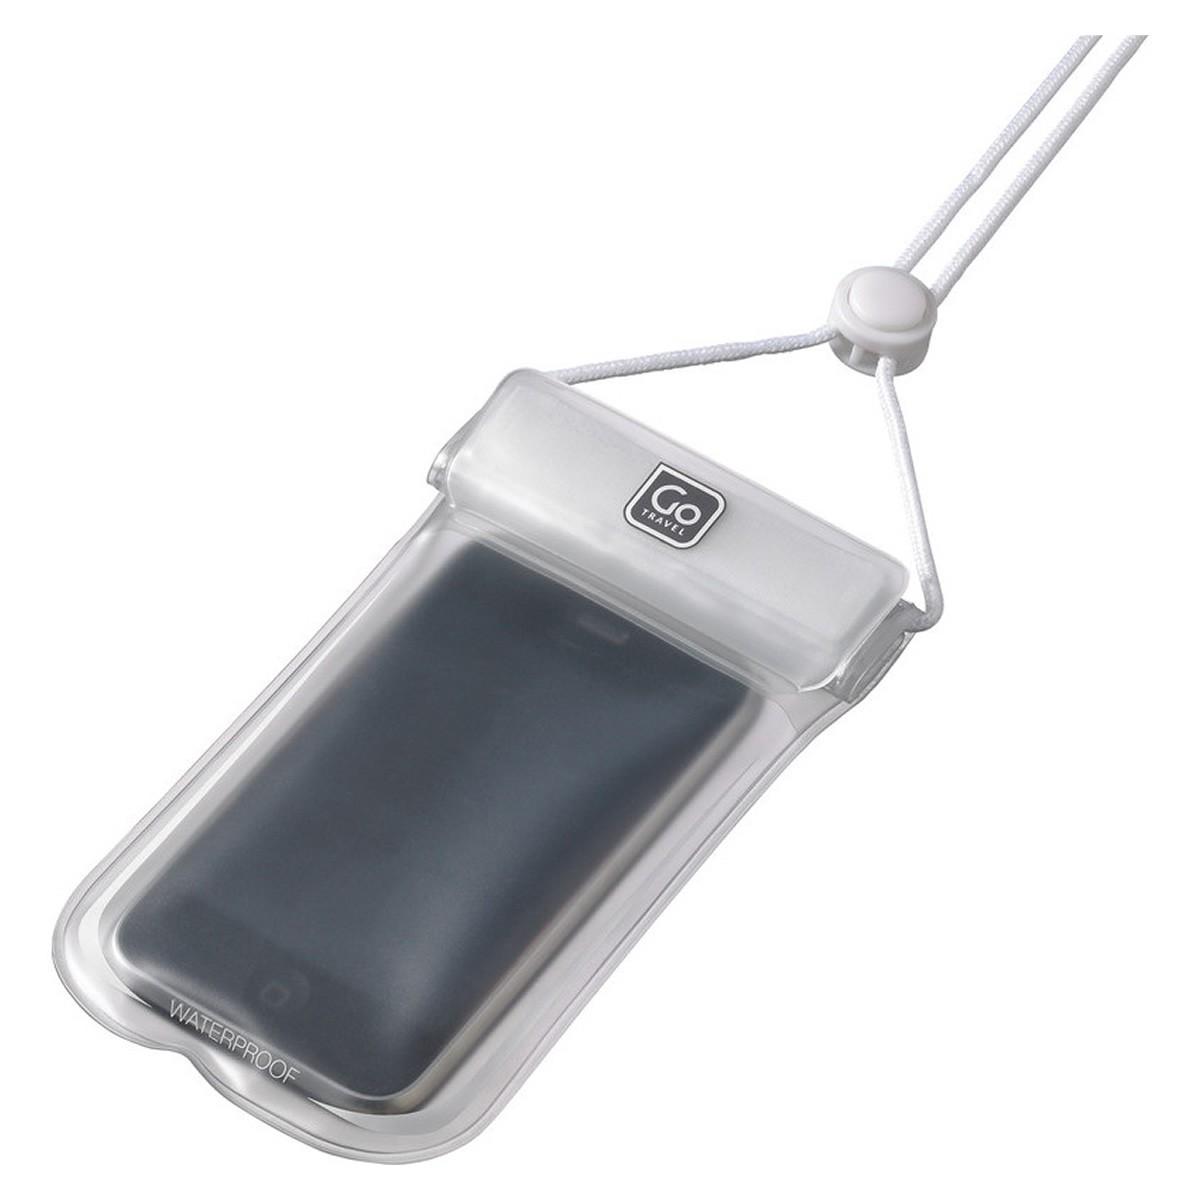 Go Travel Dry Phone